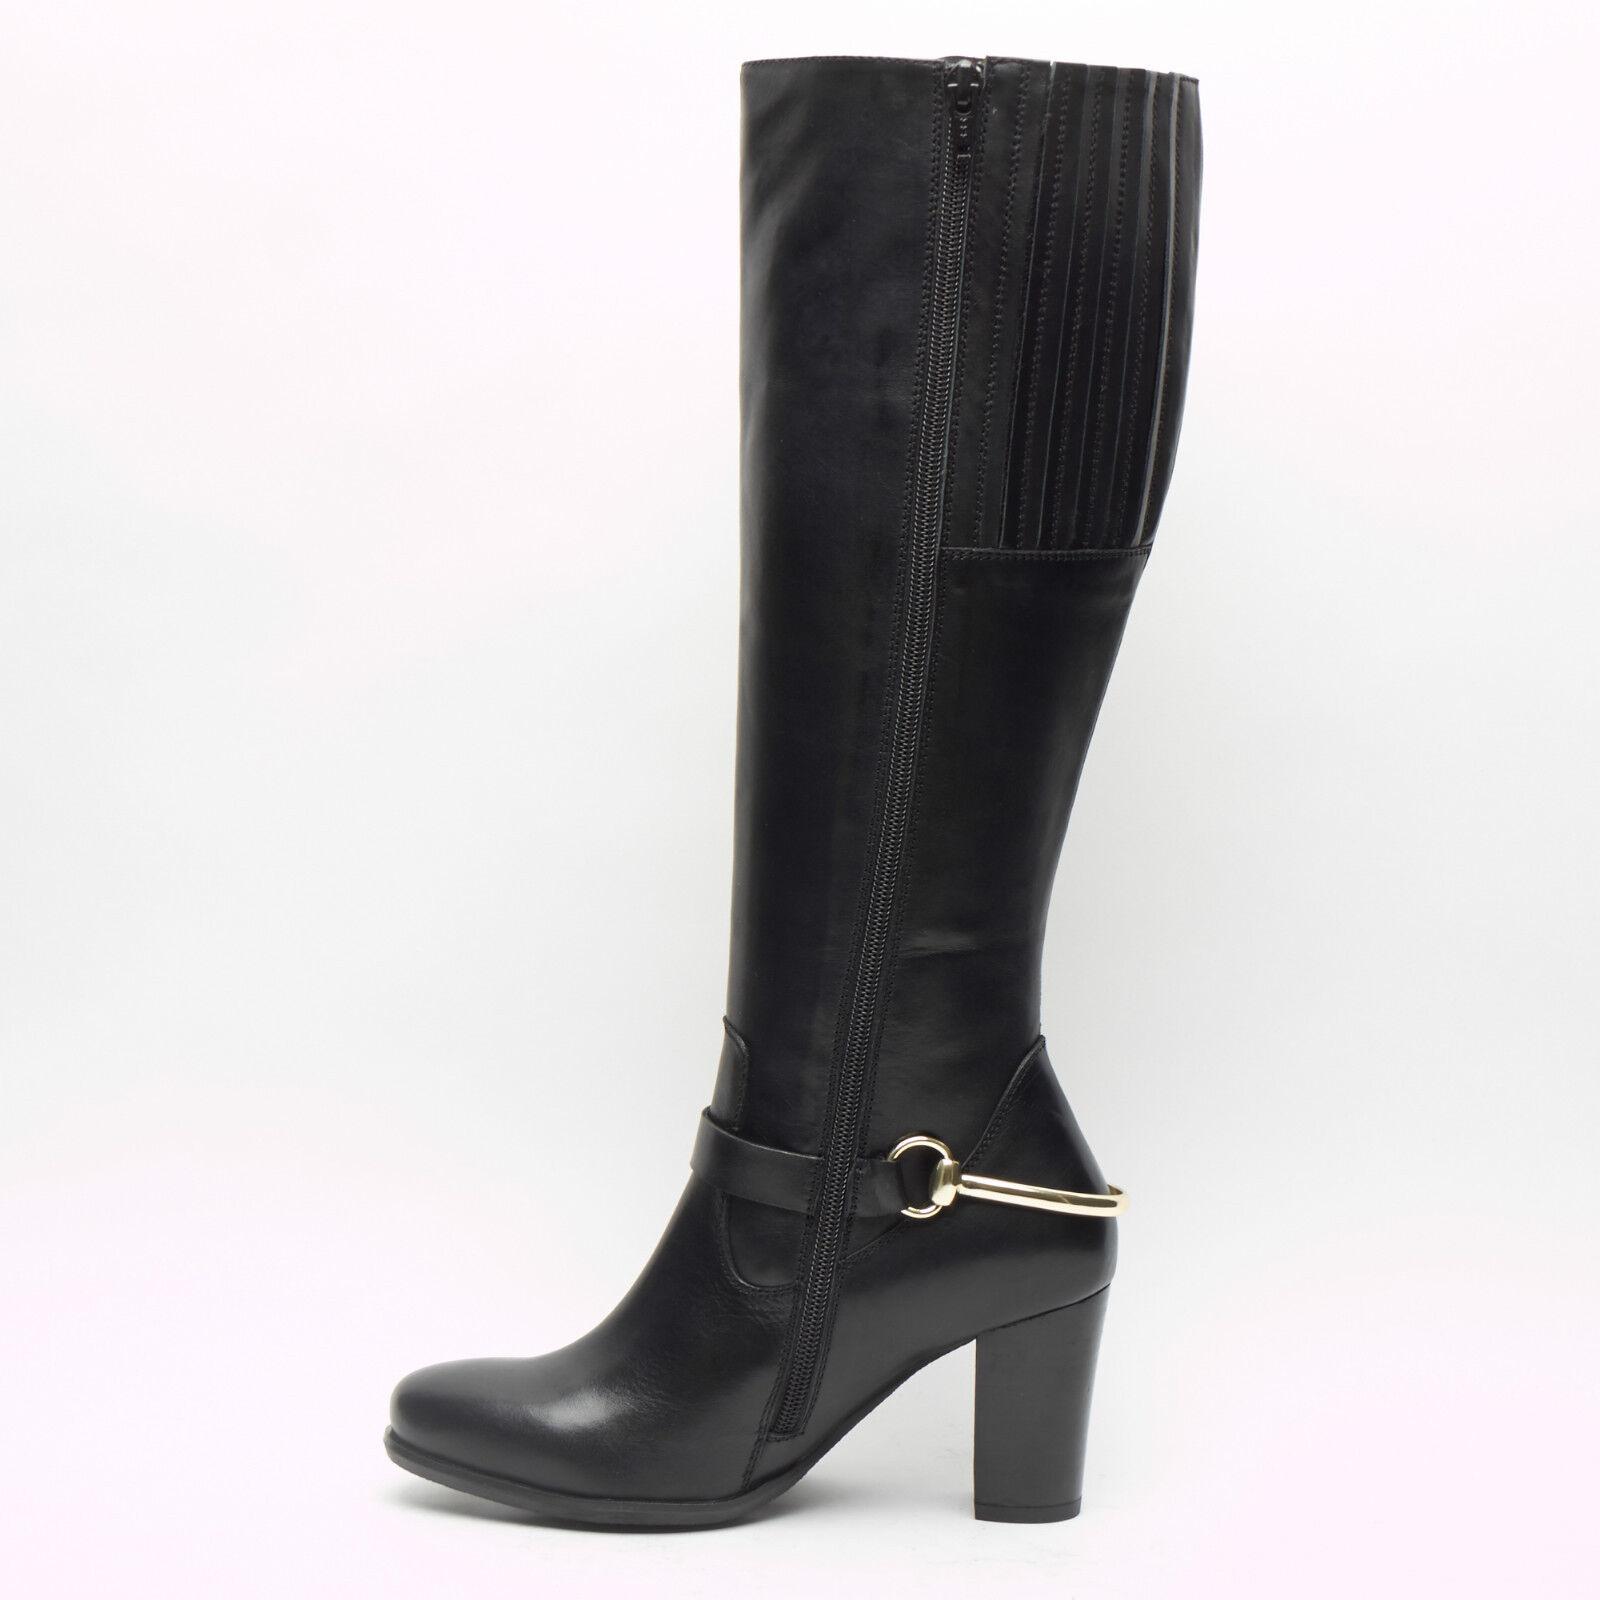 Mujer Dama Bloque De Cuero hasta Real hasta Cuero la Rodilla Tacón Alto Zapatos botas Largas bba211